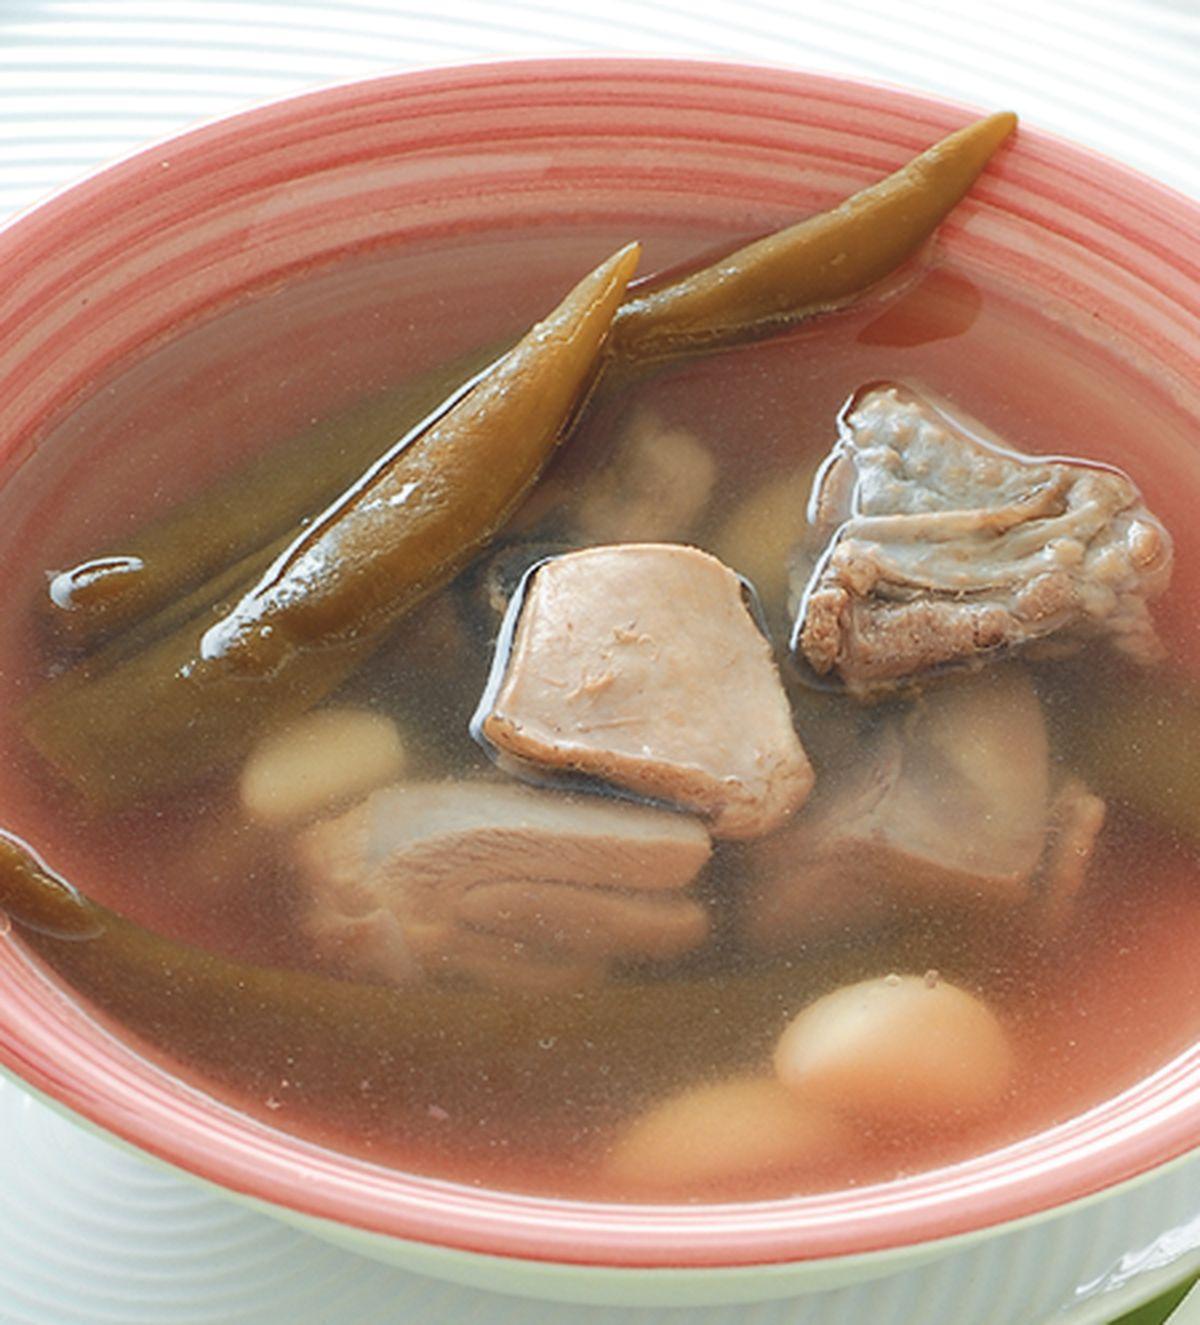 食譜:剝皮辣椒雞湯(1)